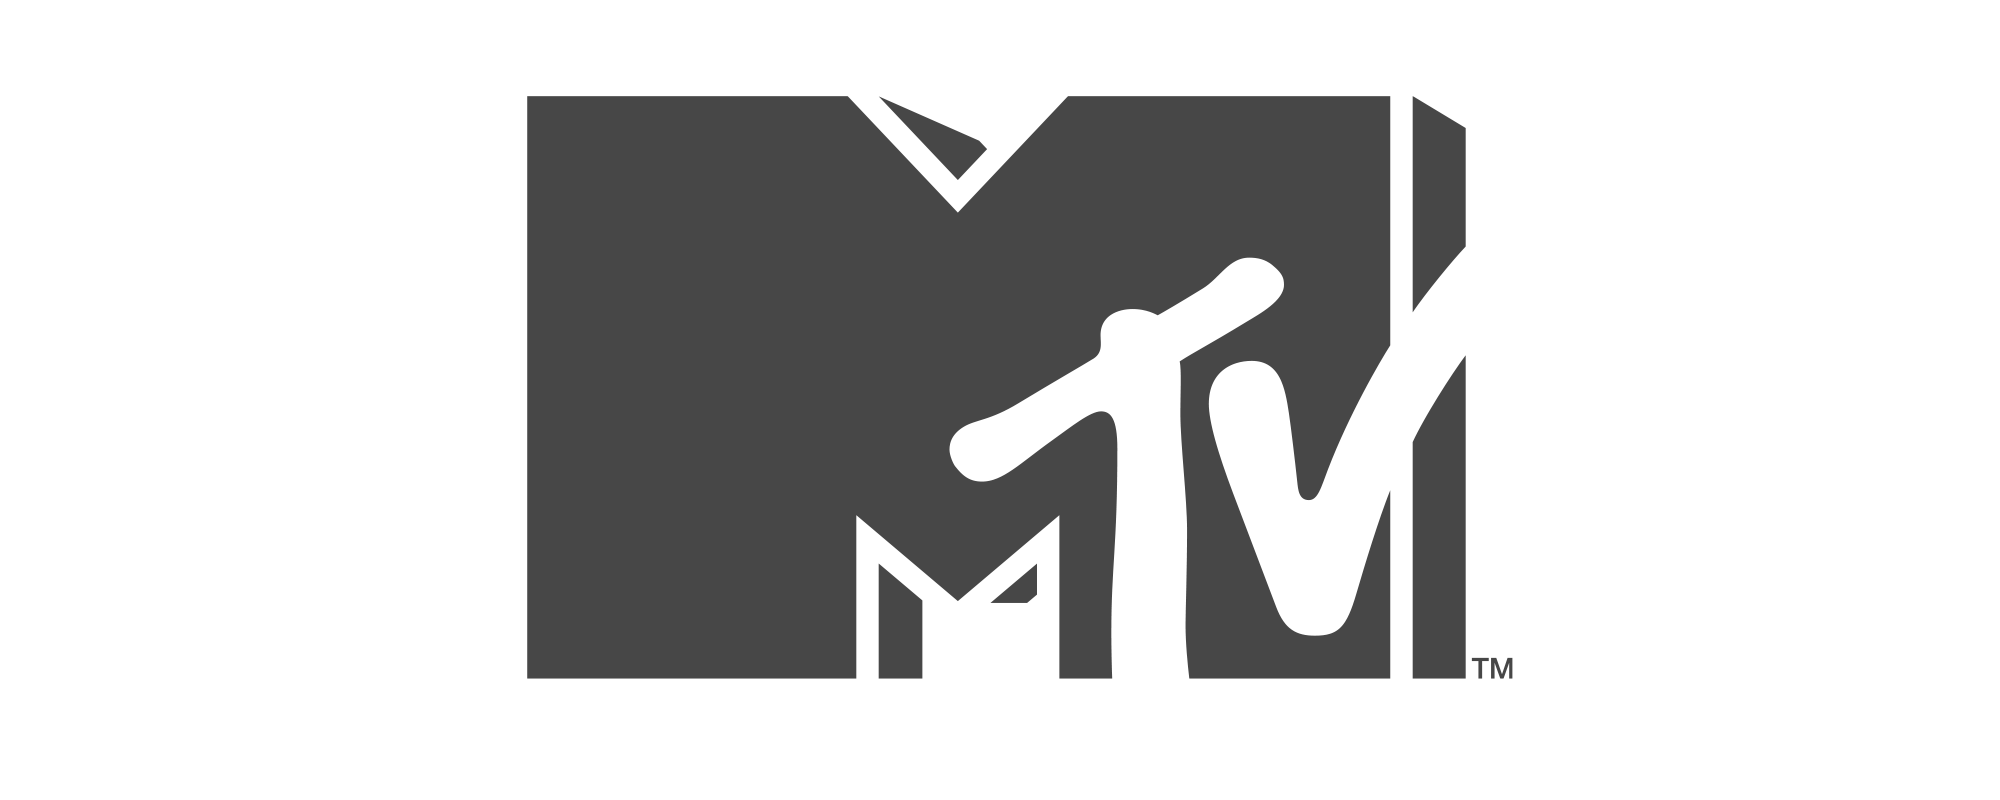 https://www.hybrisonline.se/pub_docs/files/Mer/Logoline_MTV_20x8.png